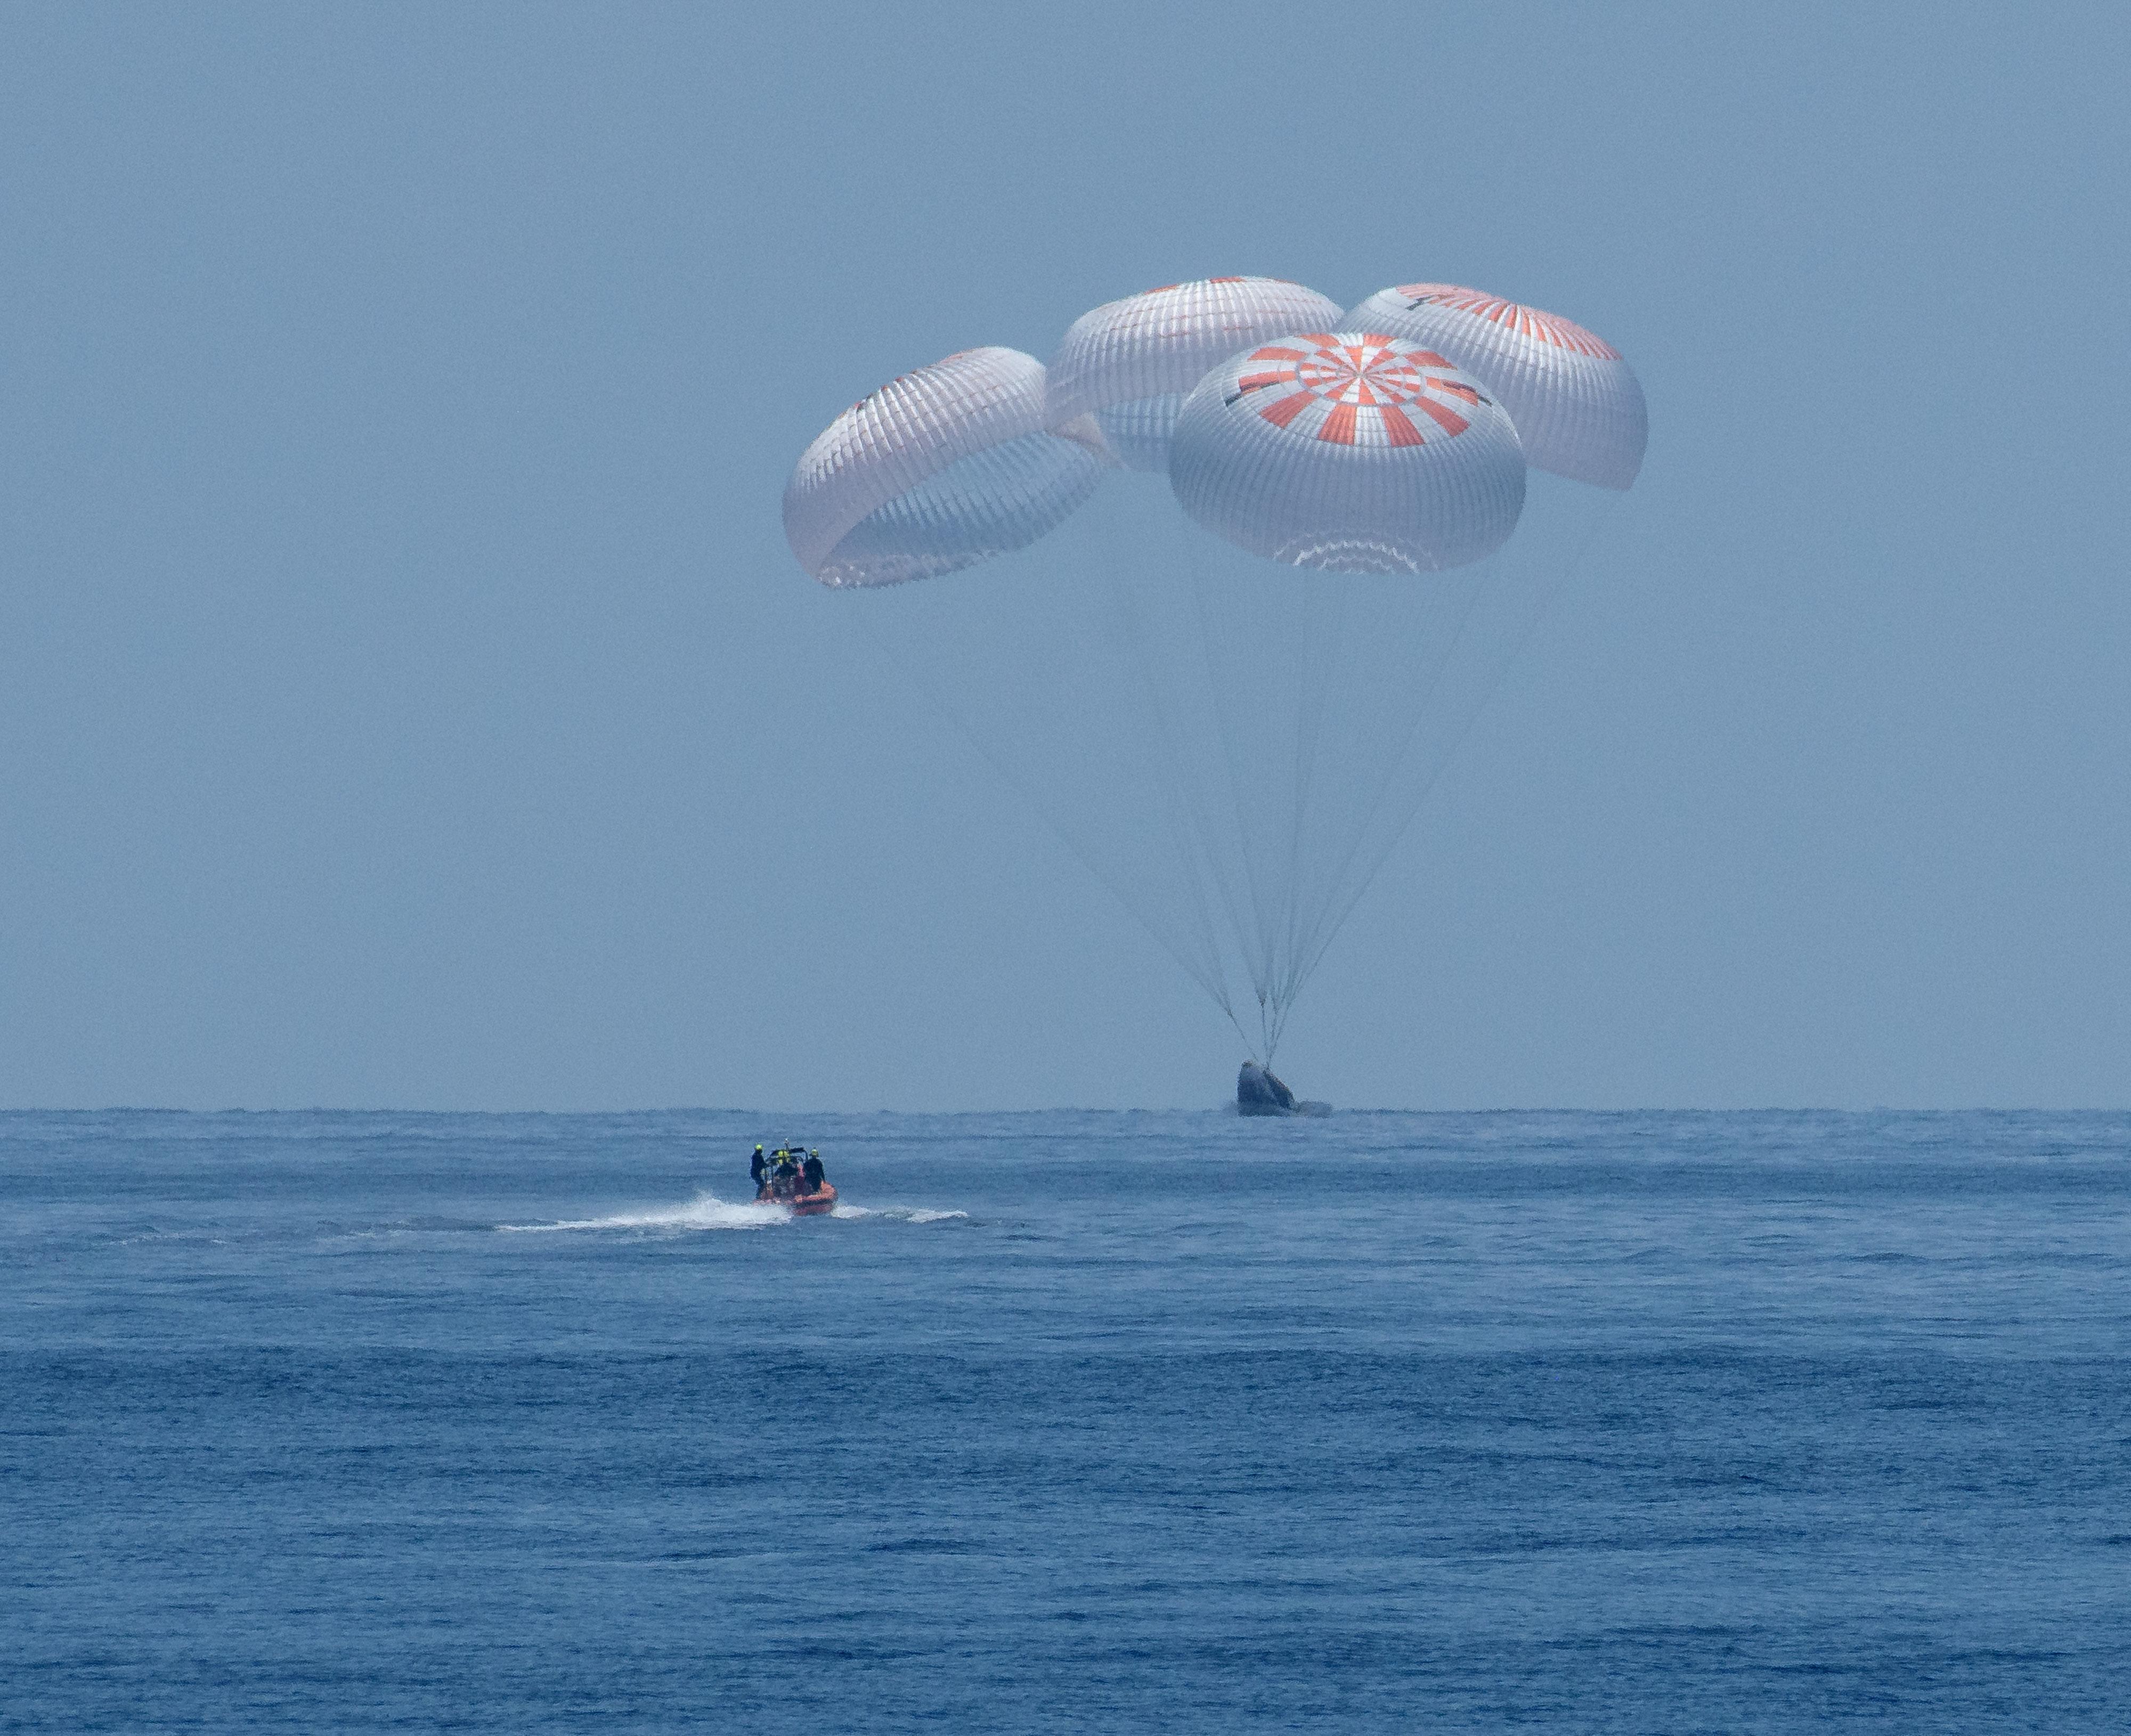 El viaje de regreso a Tierra duró 19 horas (NASA/Bill Ingalls/Handout via REUTERS)